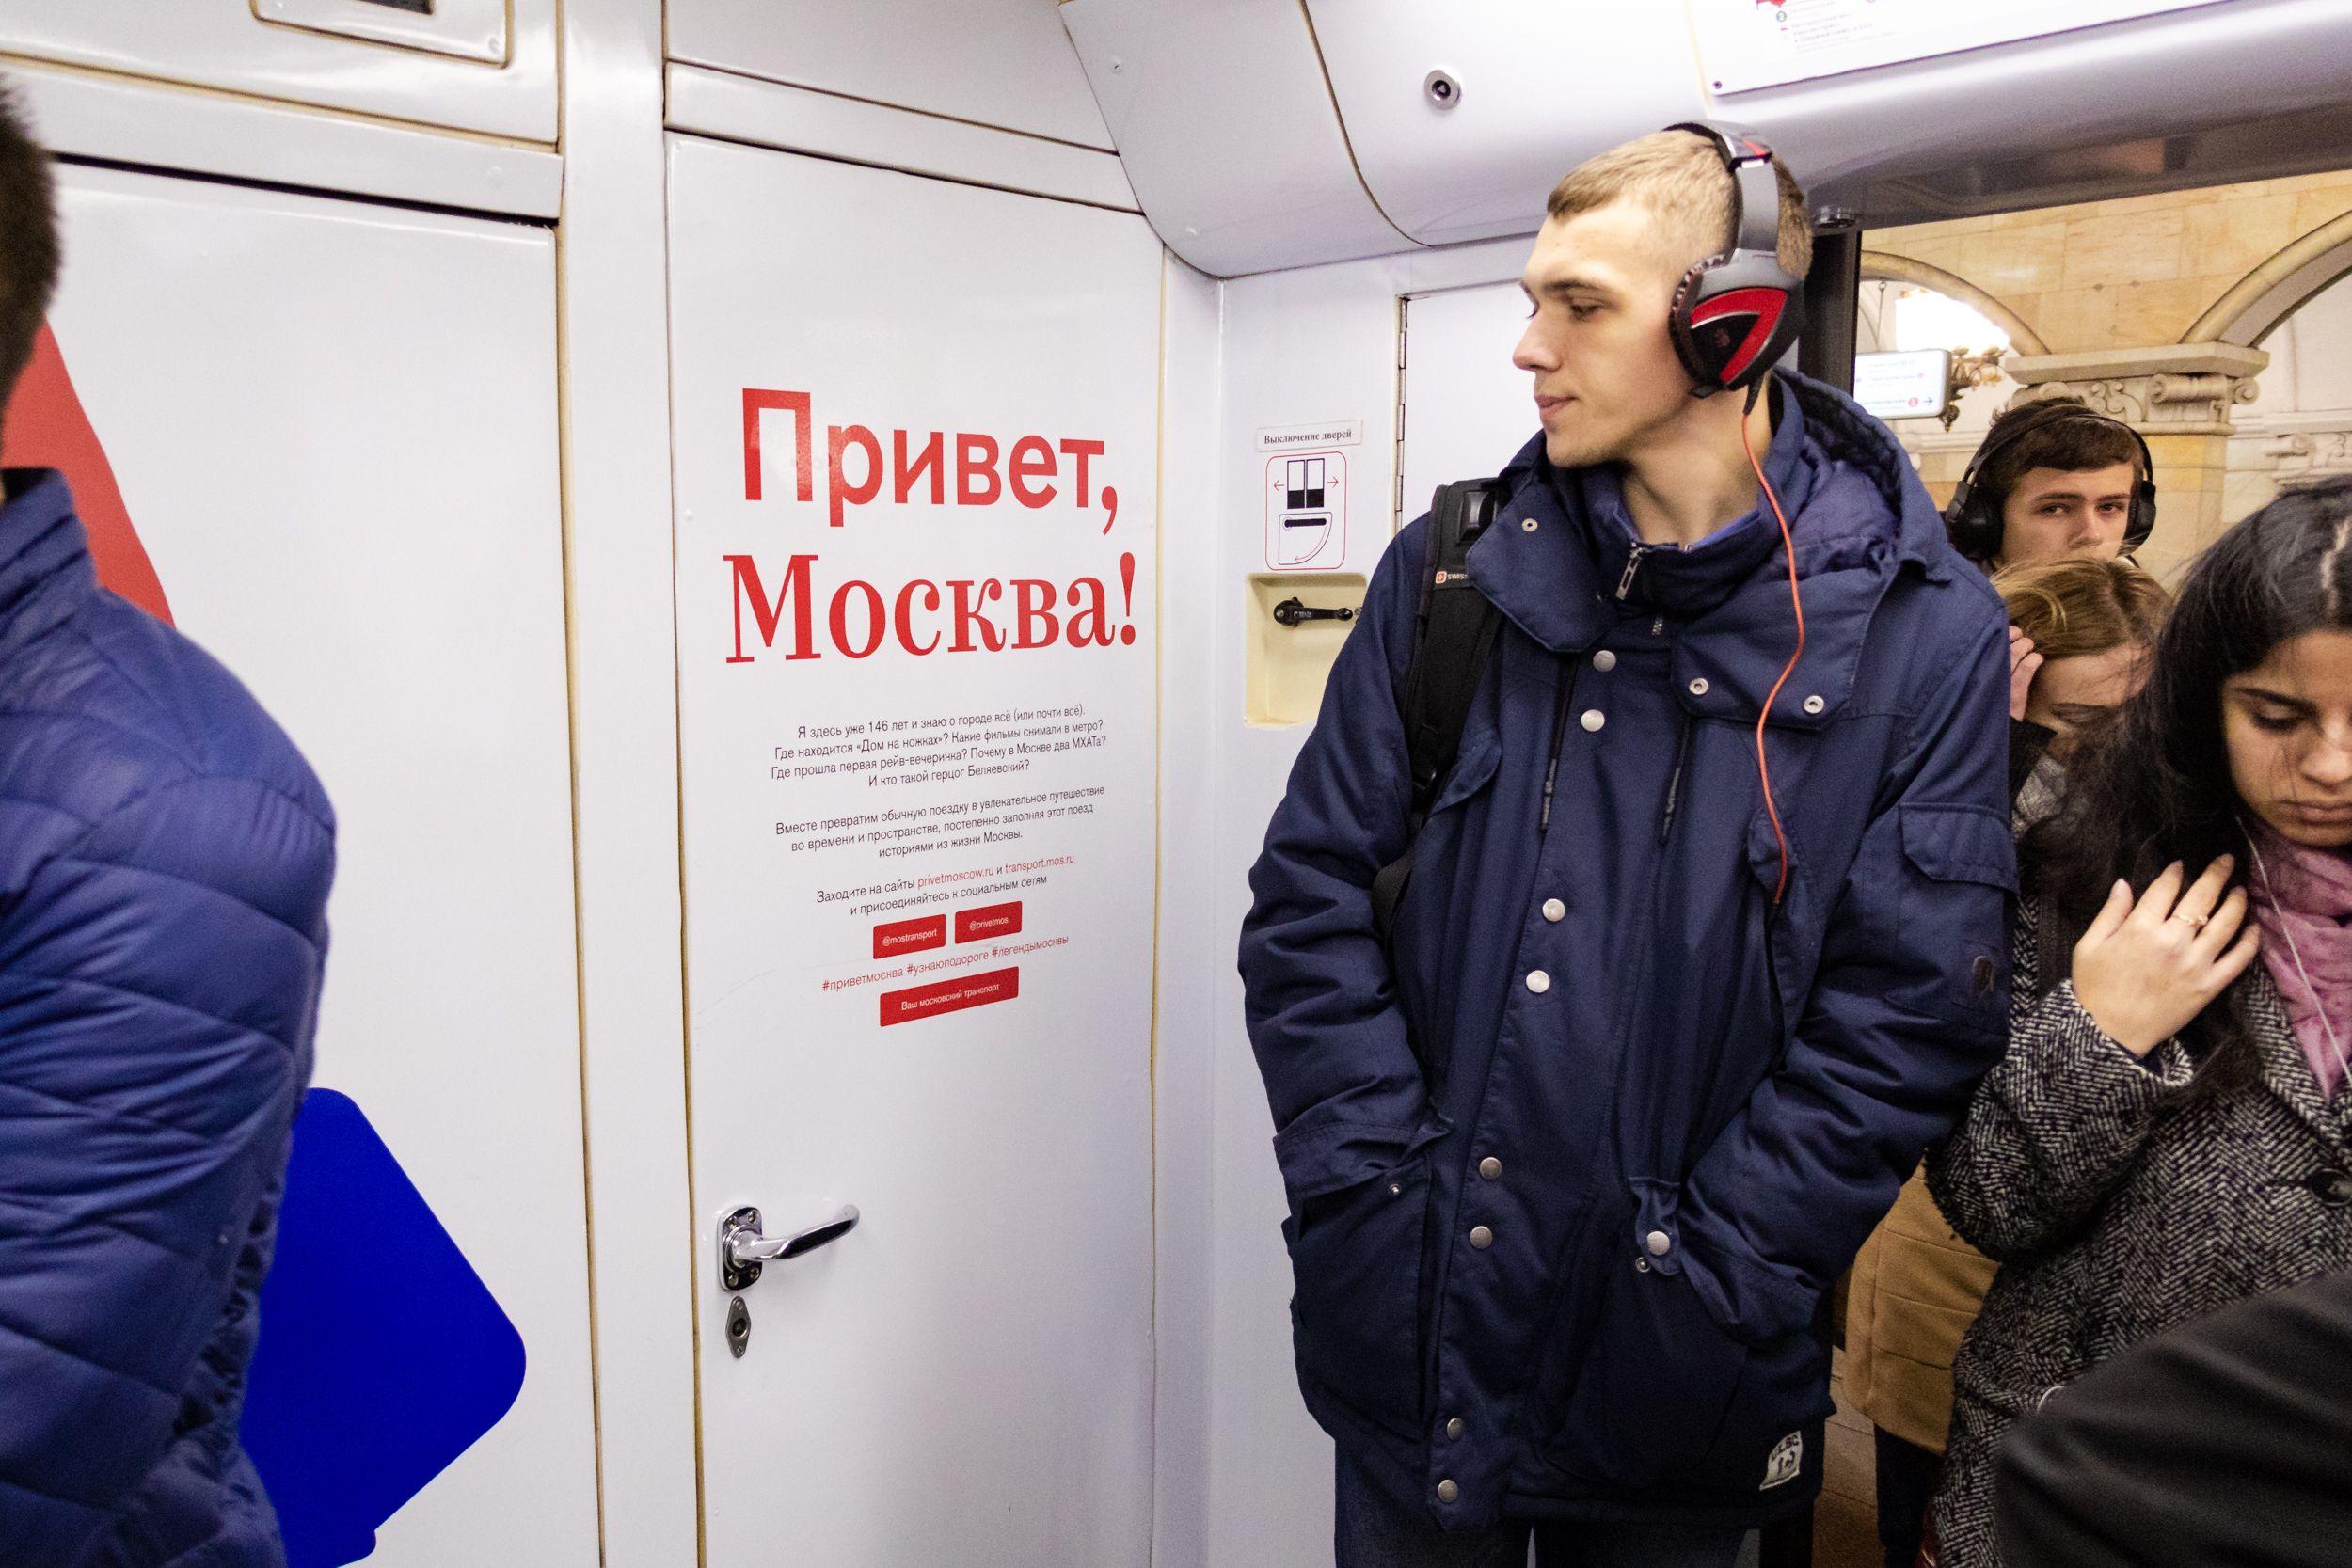 Проект «Привет, Москва!» завоевал международную премию